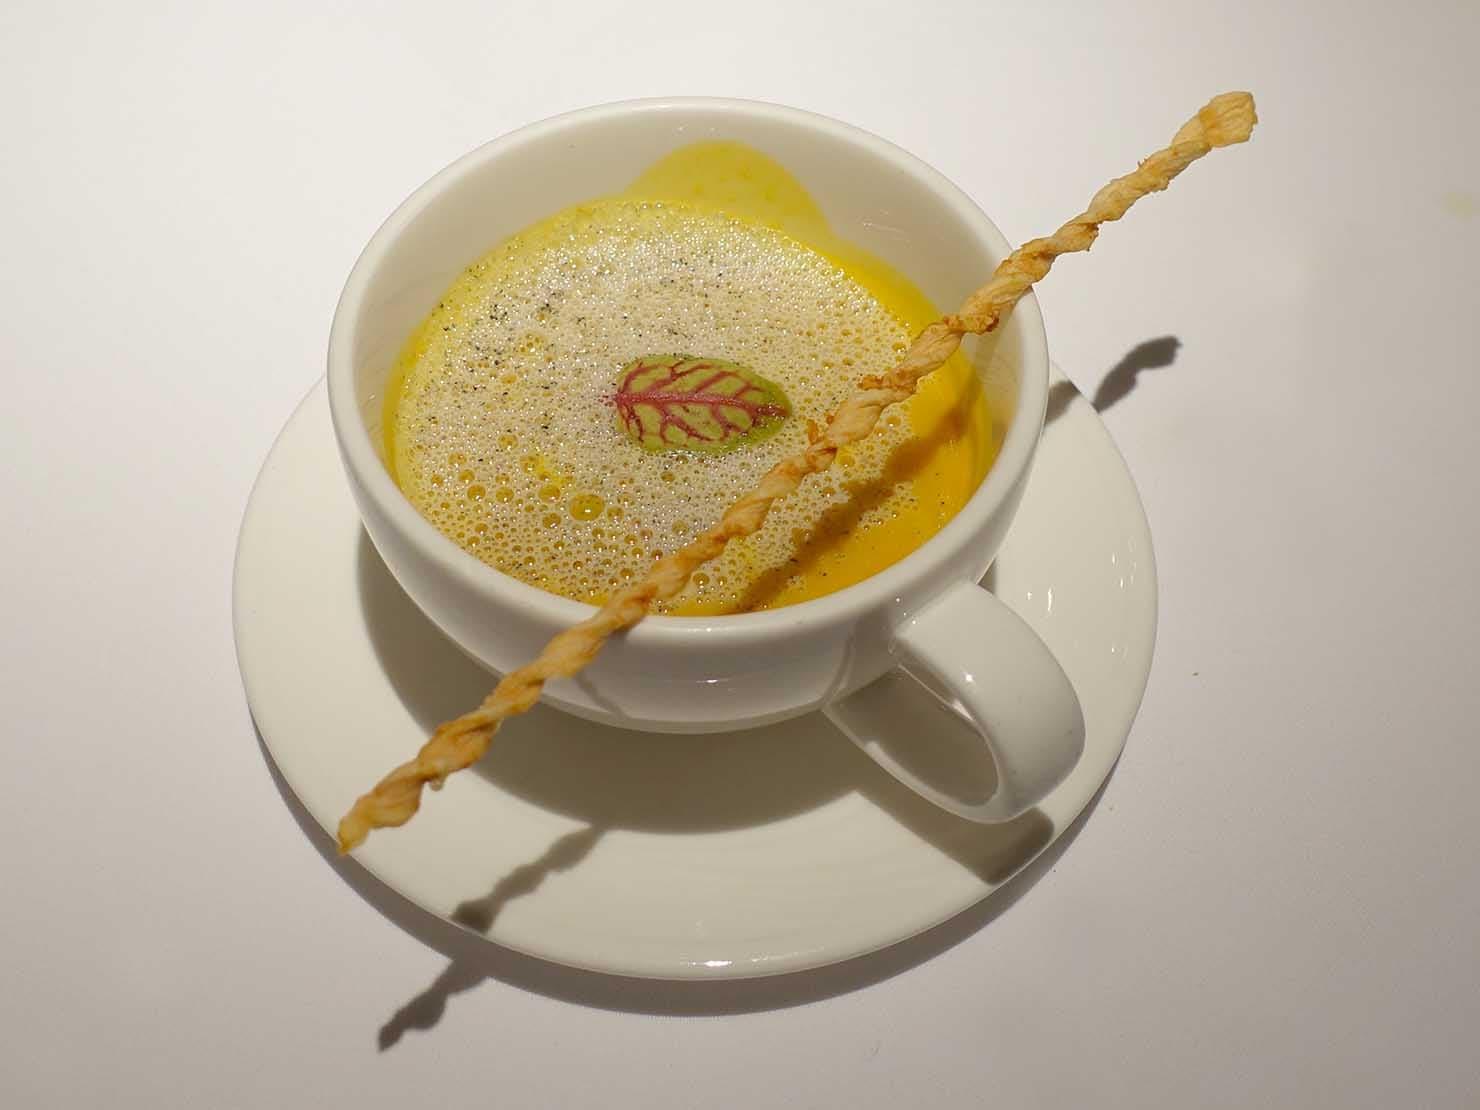 台北の4つ星ホテルにあるステーキハウス「地中海牛排館」の烘烤栗子南瓜濃湯(カボチャのポタージュ)